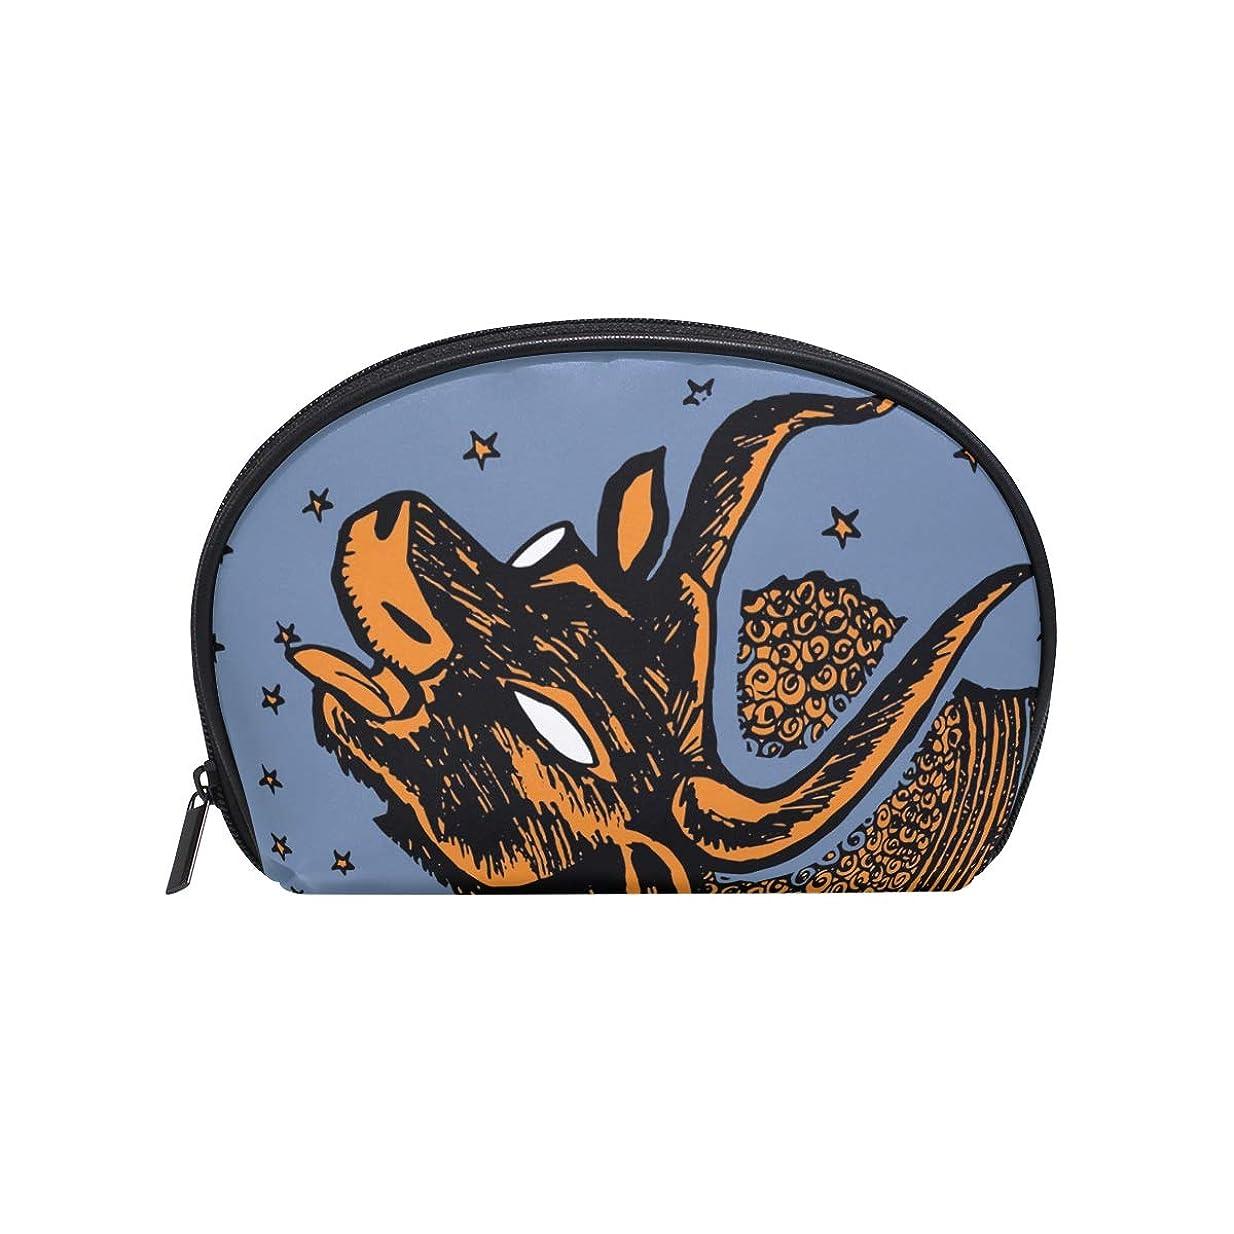 ヒップでメンタル半月型 ブルスター、アンティーク 化粧ポーチ コスメポーチ コスメバッグ メイクポーチ 大容量 旅行 小物入れ